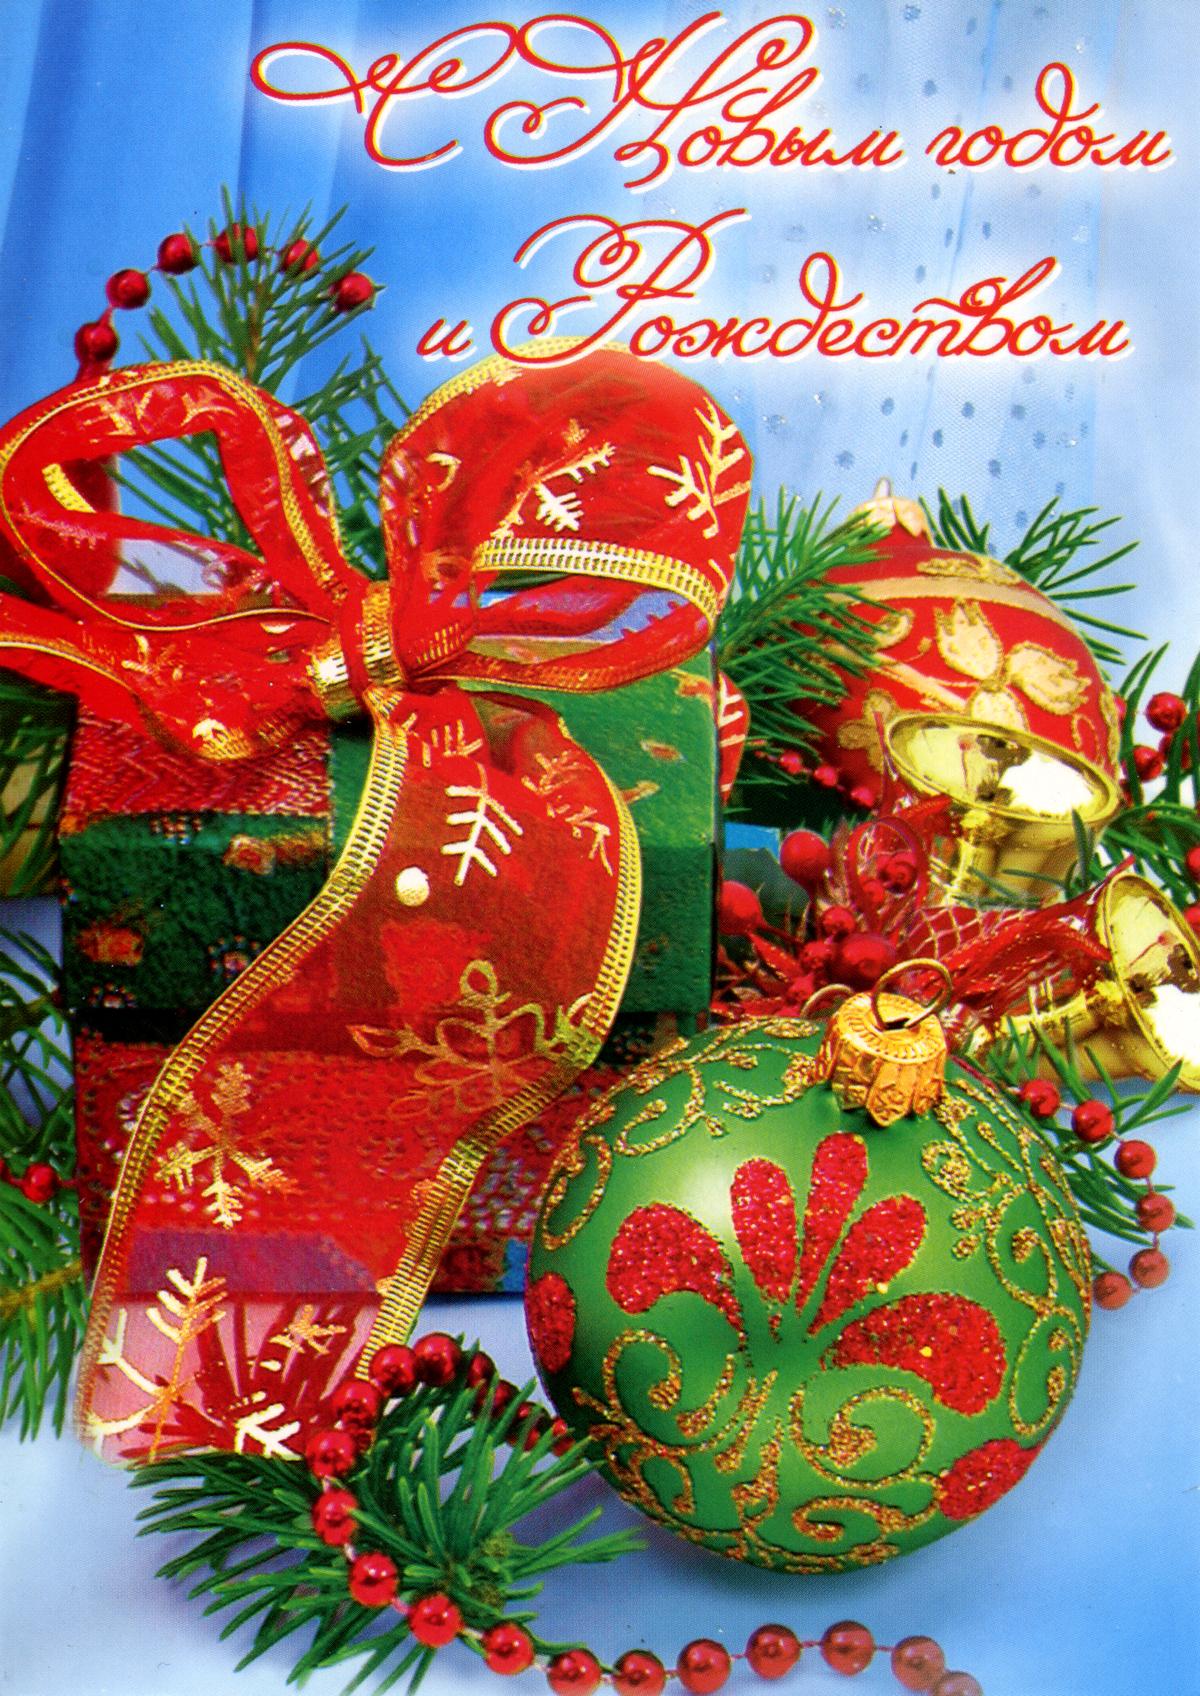 Открытки м новым годом и рождеством